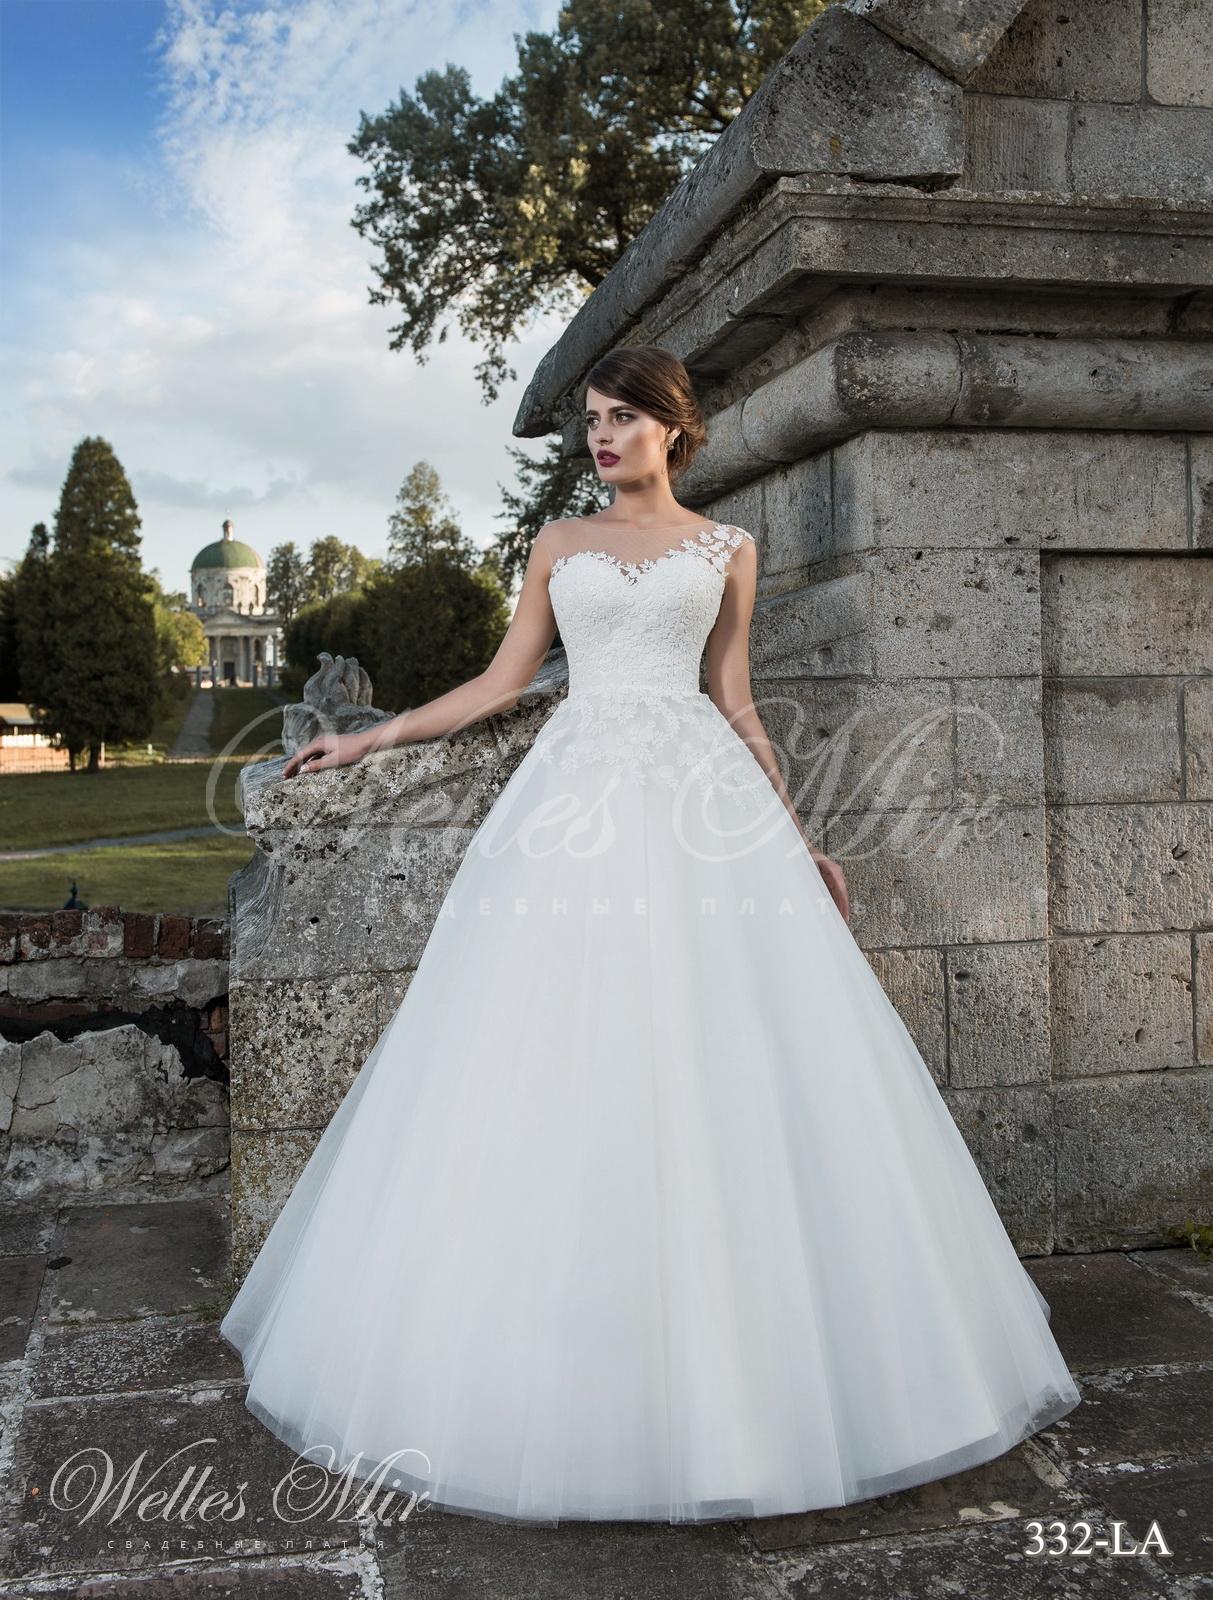 Свадебные платья Exquisite Collection - 332-LA